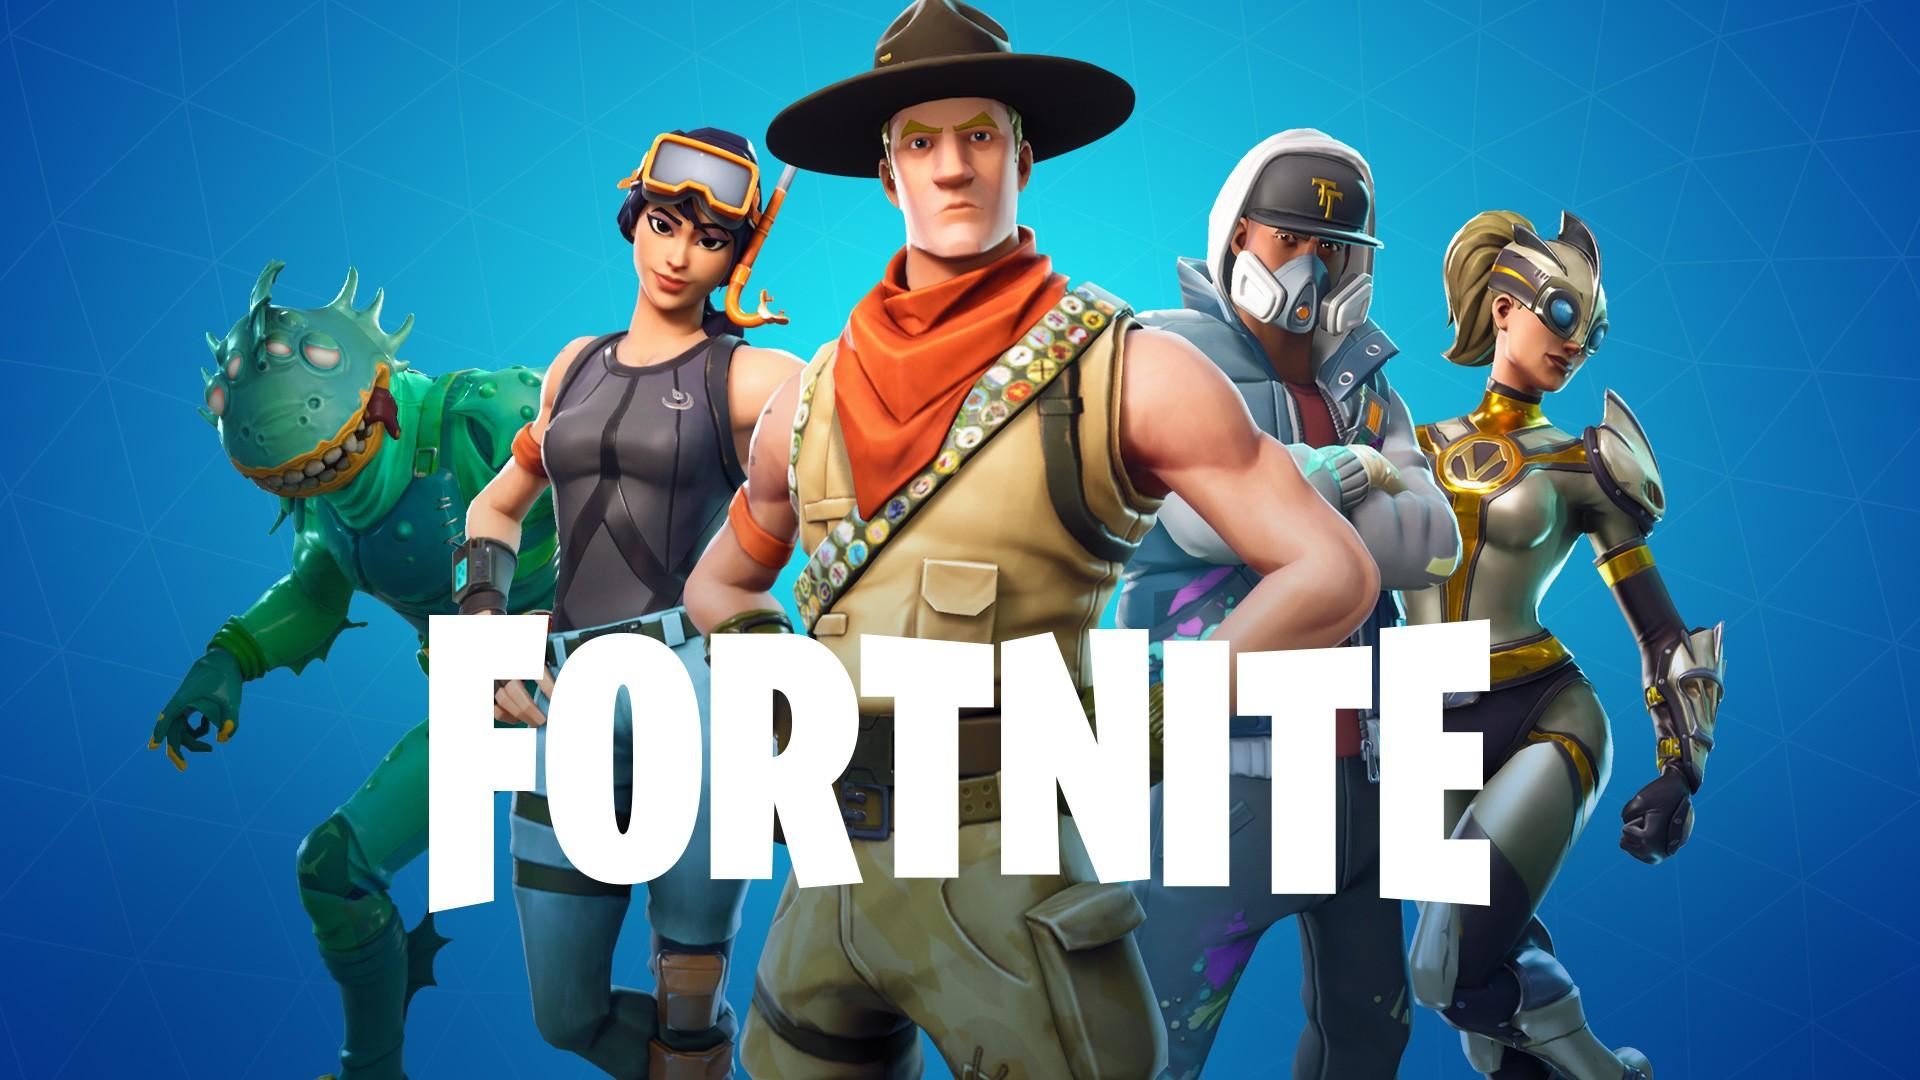 O game 'Fortnite' foi um dos termos mais procurados no Pornhub (Foto: Divulgação)